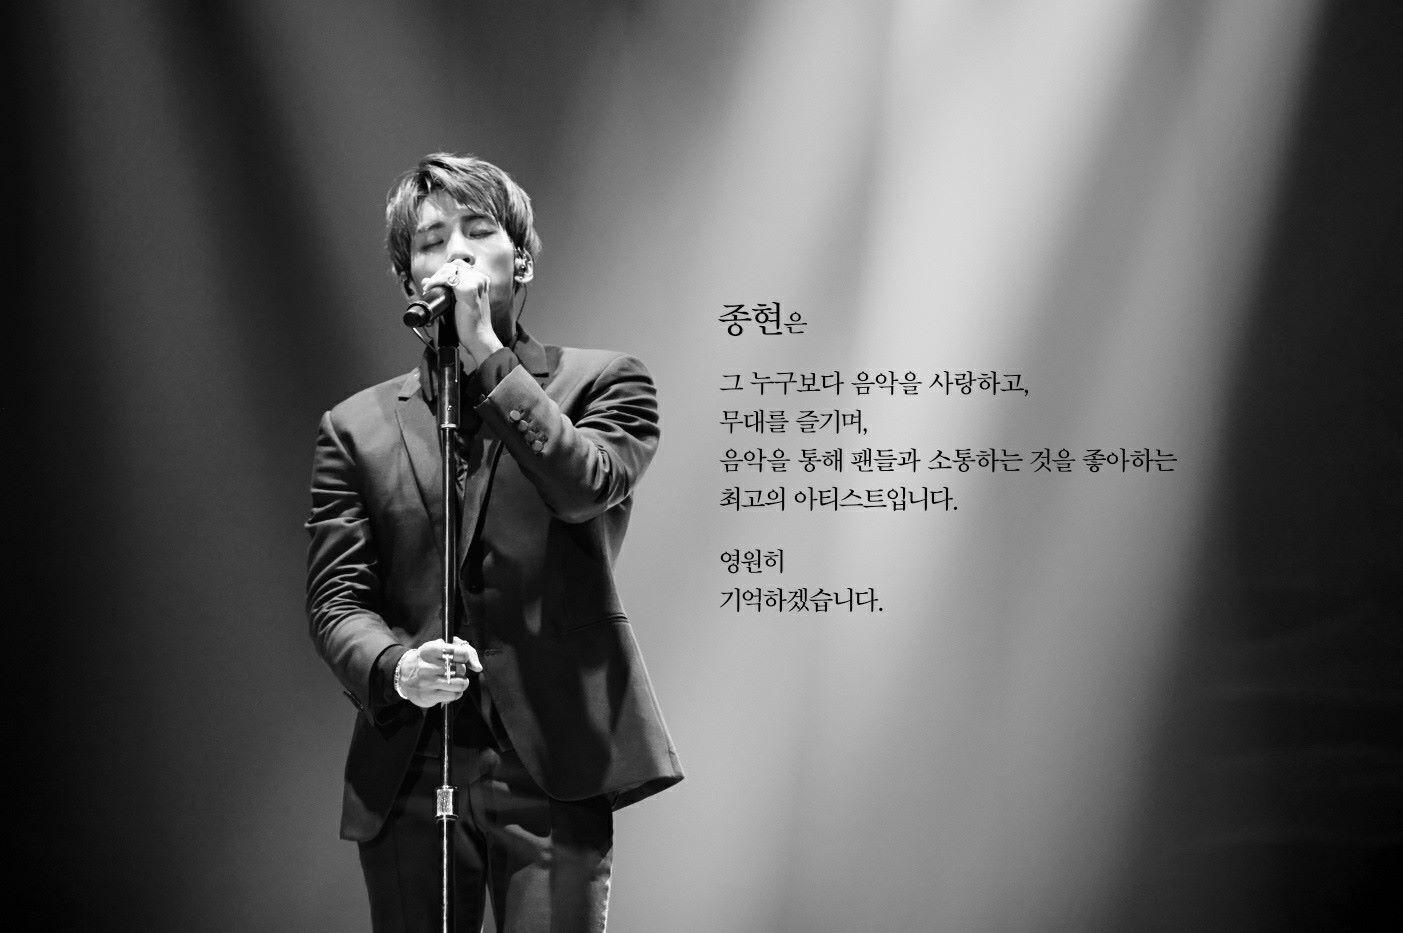 SHINee成員鐘鉉於18日經紀公司SM證實已過世 因為折磨已久的憂鬱症而自殺 消息一傳出震撼演藝圈 也因此讓人意識到在韓國高壓的演藝圈中 藝人們的心理狀況究竟如何